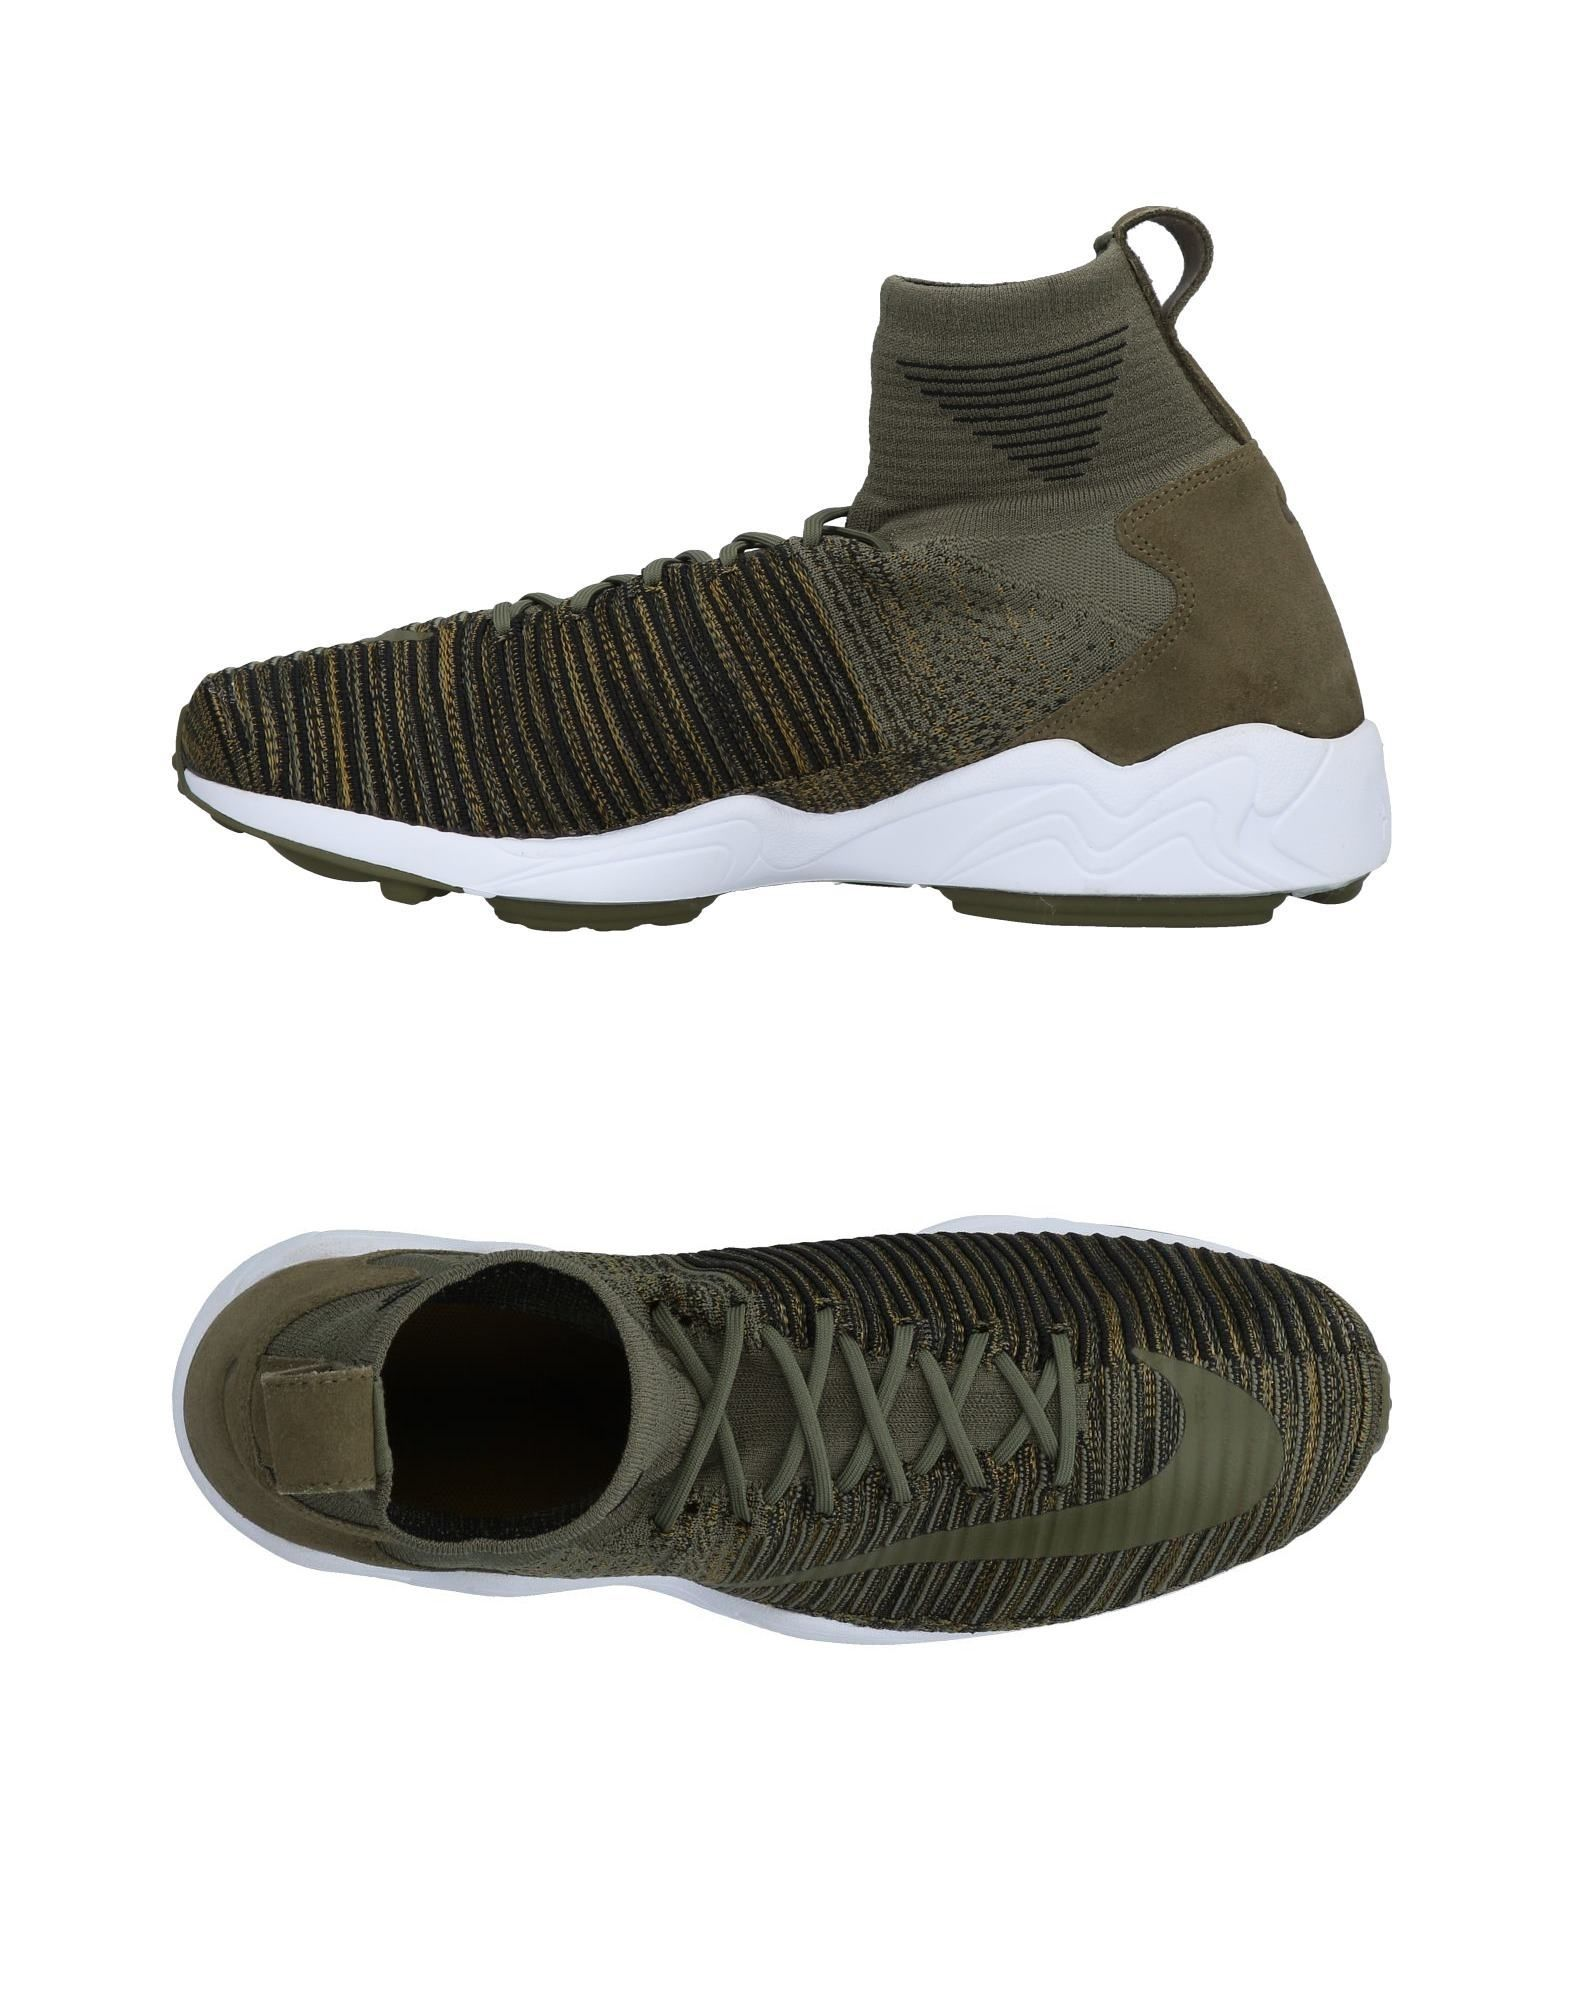 Moda Sneakers Sneakers Moda Nike Uomo - 11487148TA 2585a1